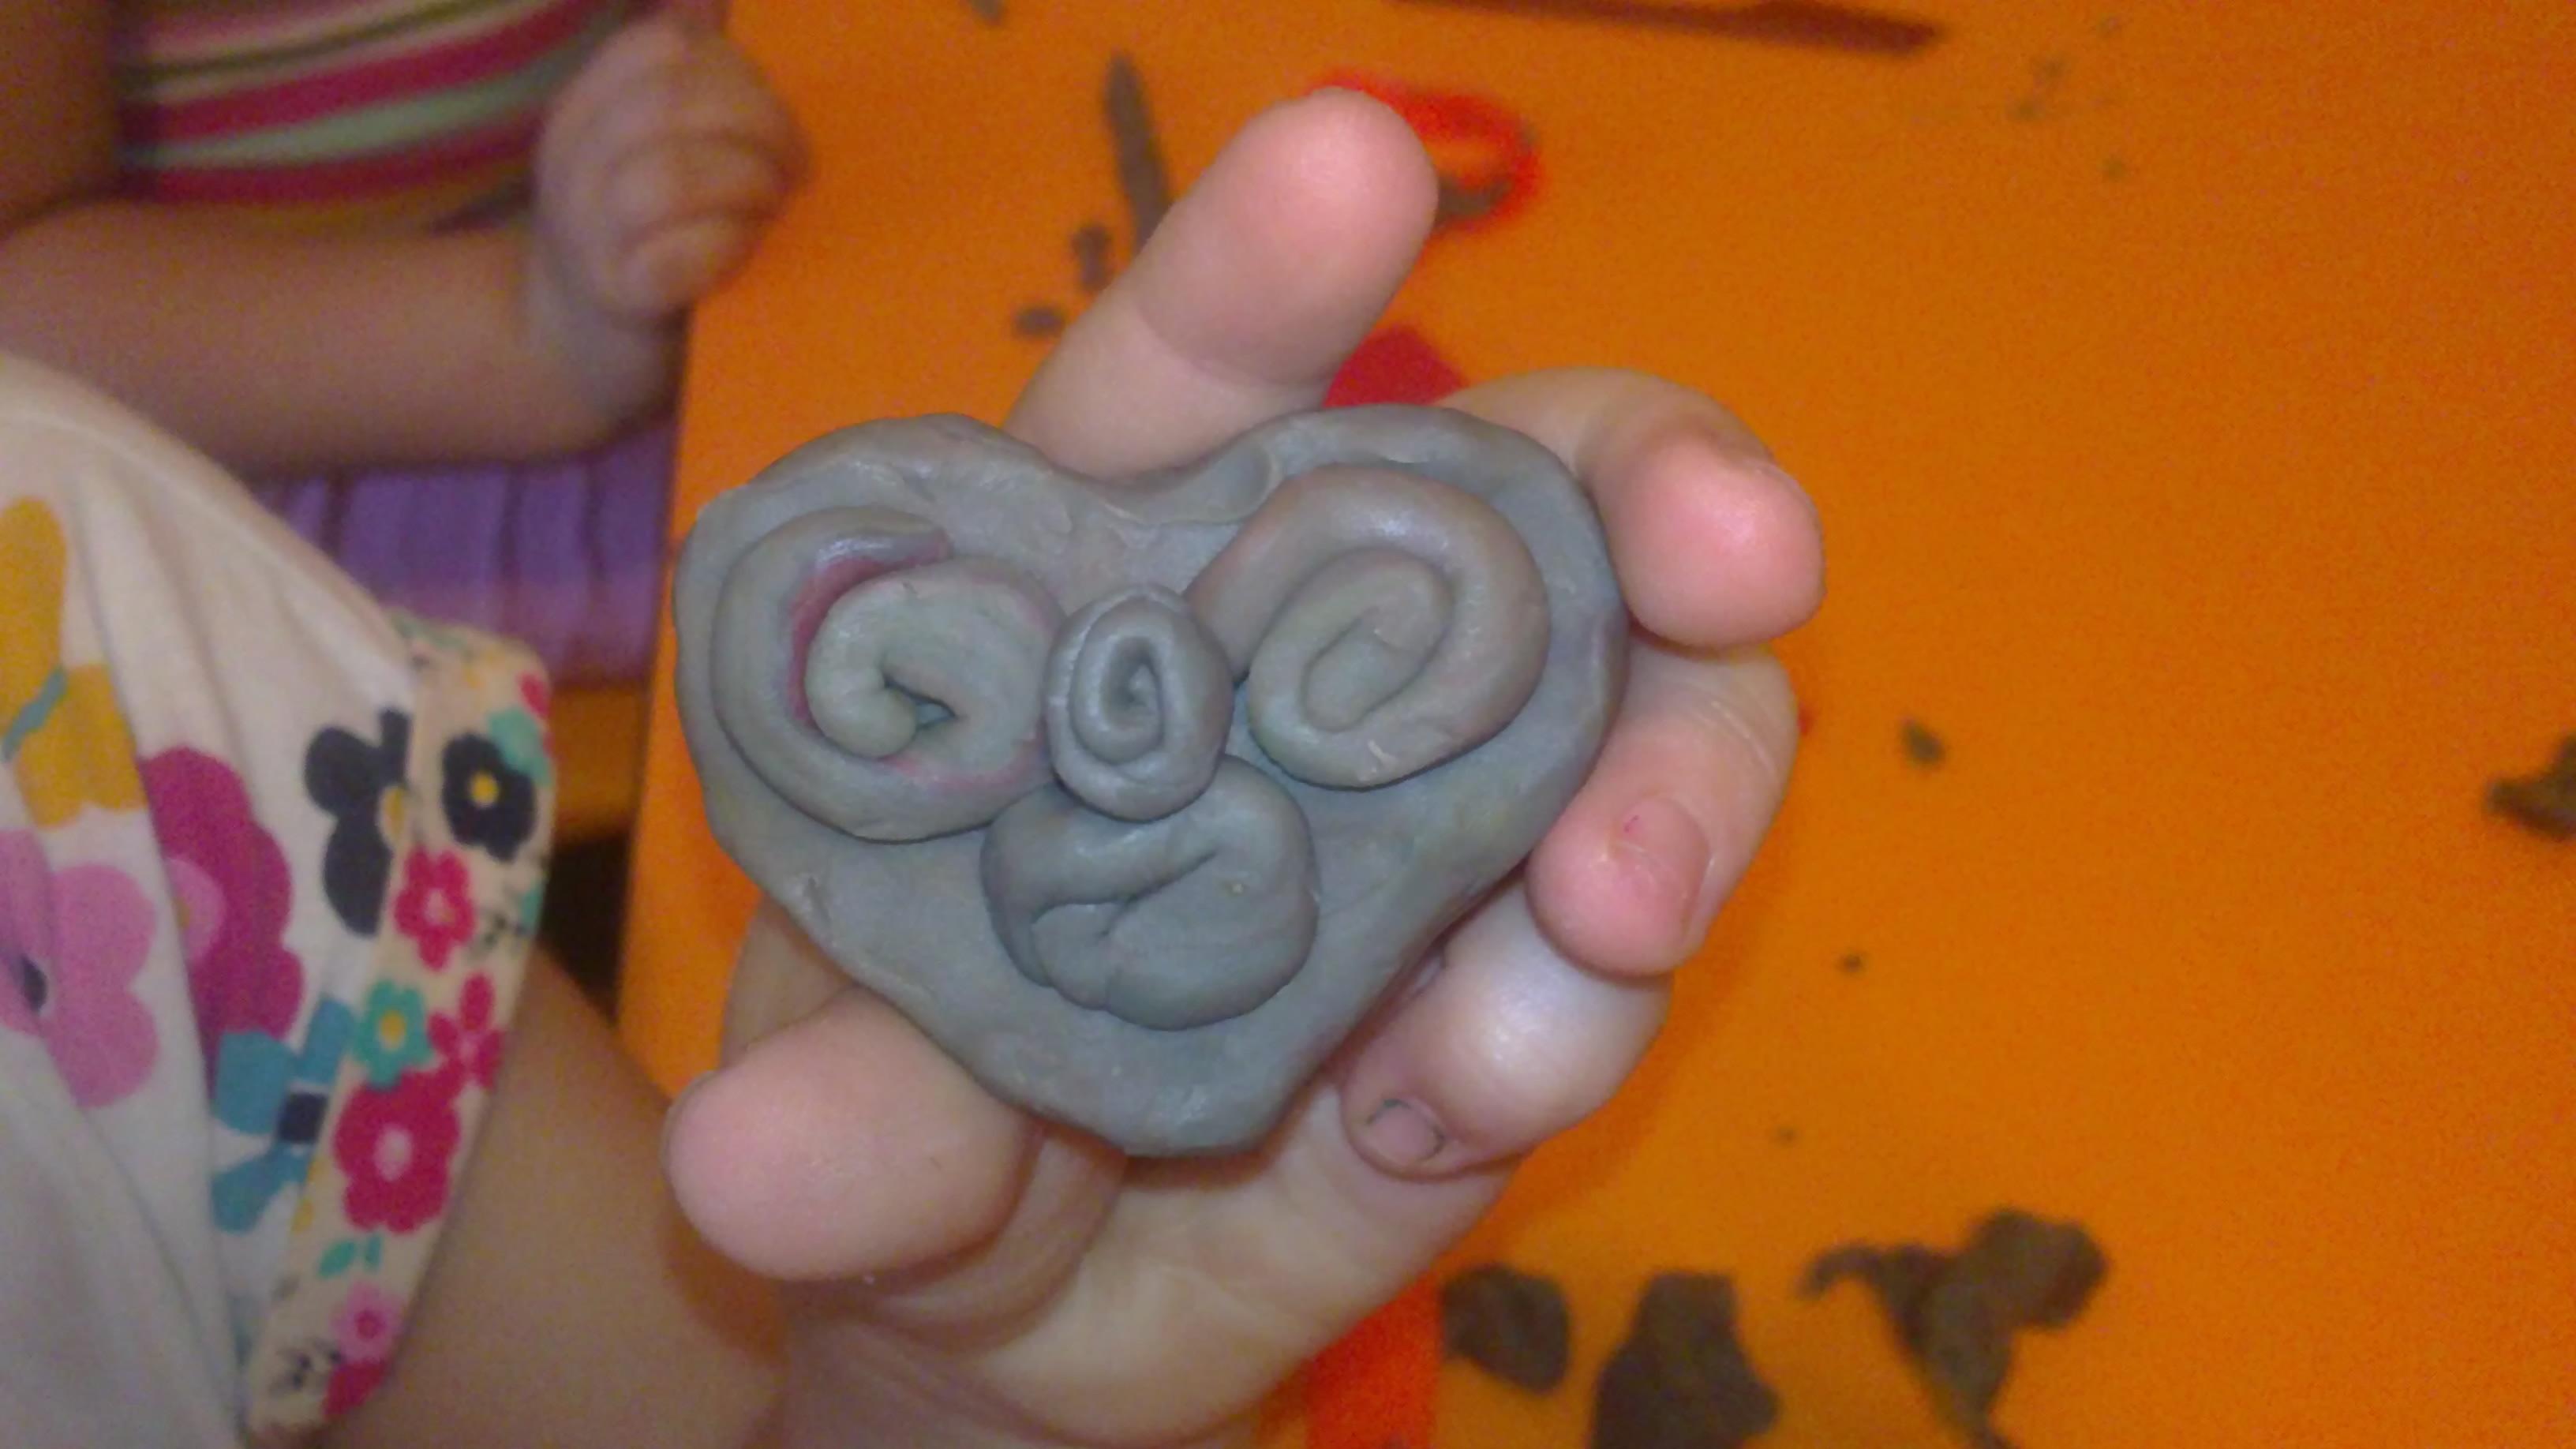 کاردستی بچه 5 ساله مهد کودک دو ستاره امید ایران - کاردستیامون